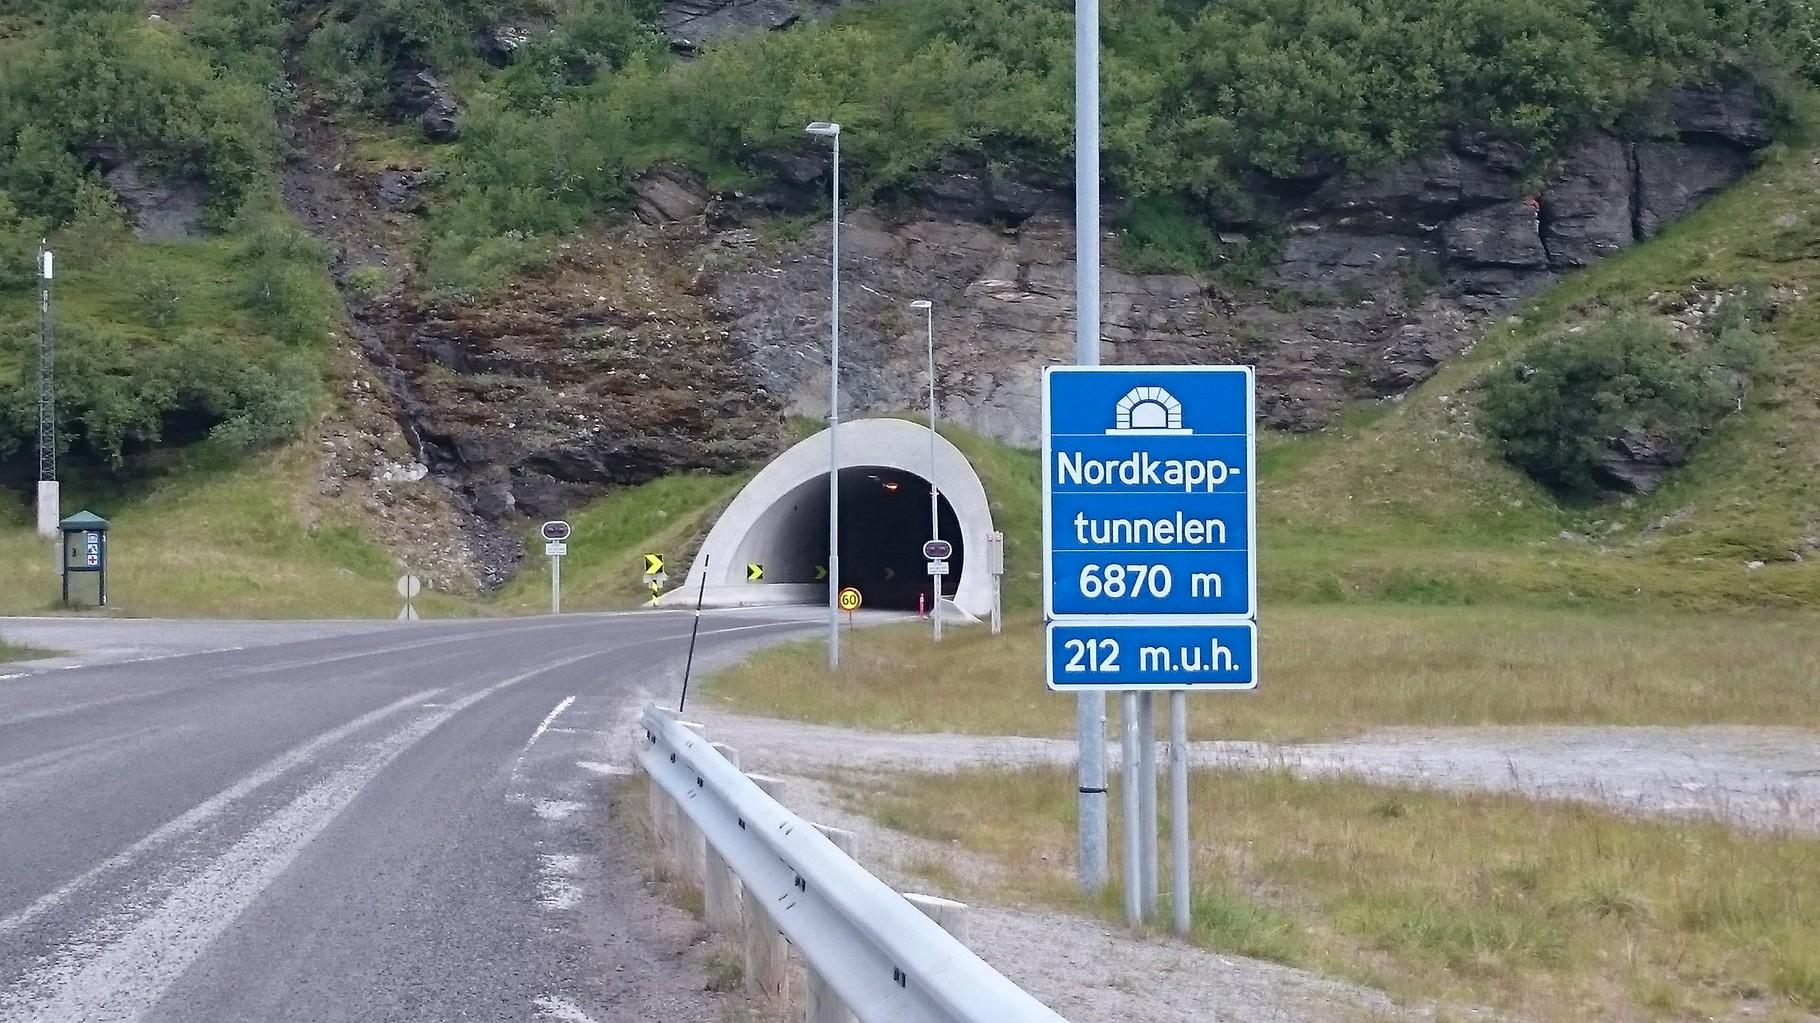 Das nennen wir wirklich einen langen Tunnel, dunkel und kalt ist es dort drinnen